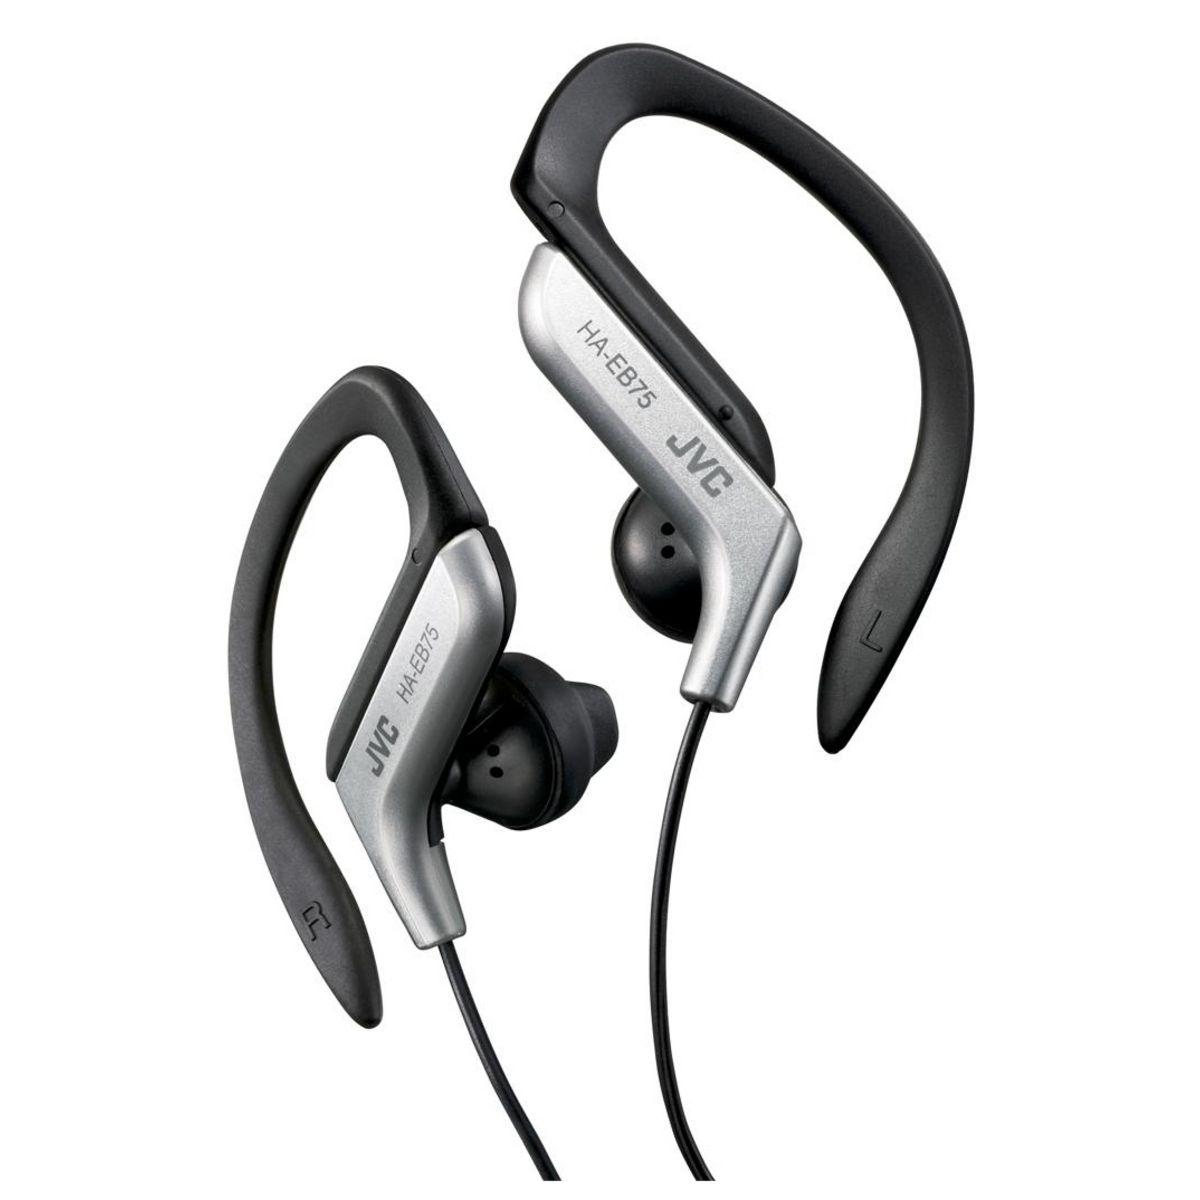 HA-EB75 - Argent - Ecouteurs